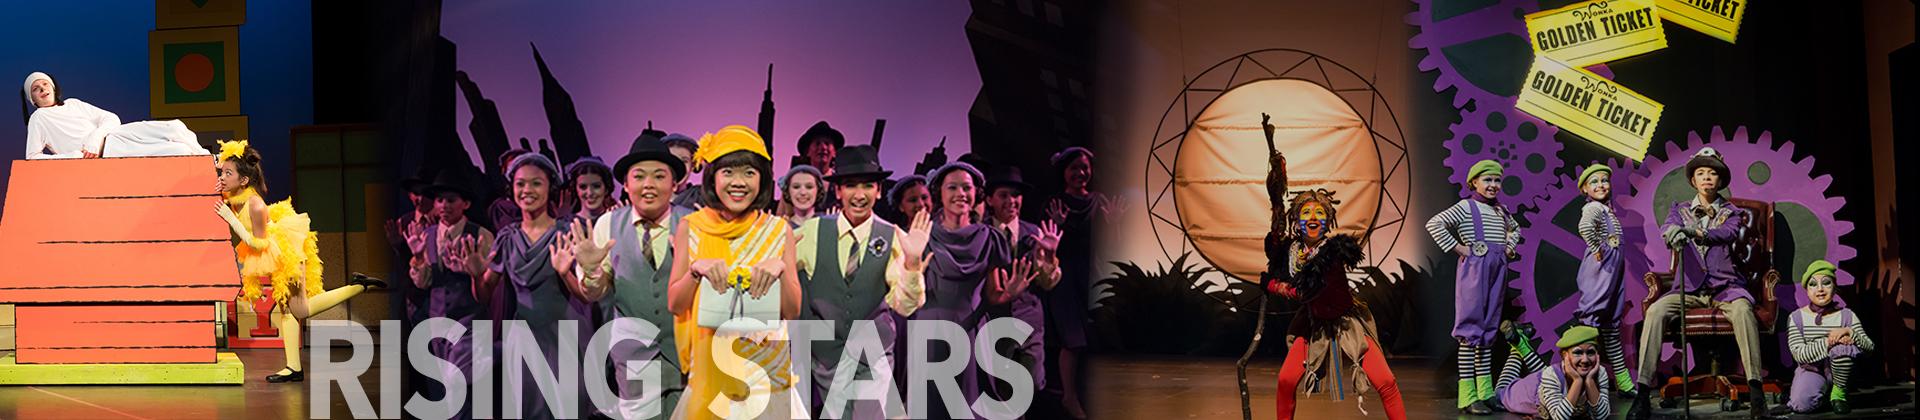 7d7a937866b9 The Wiz - CMT San Jose - Children s Musical Theater